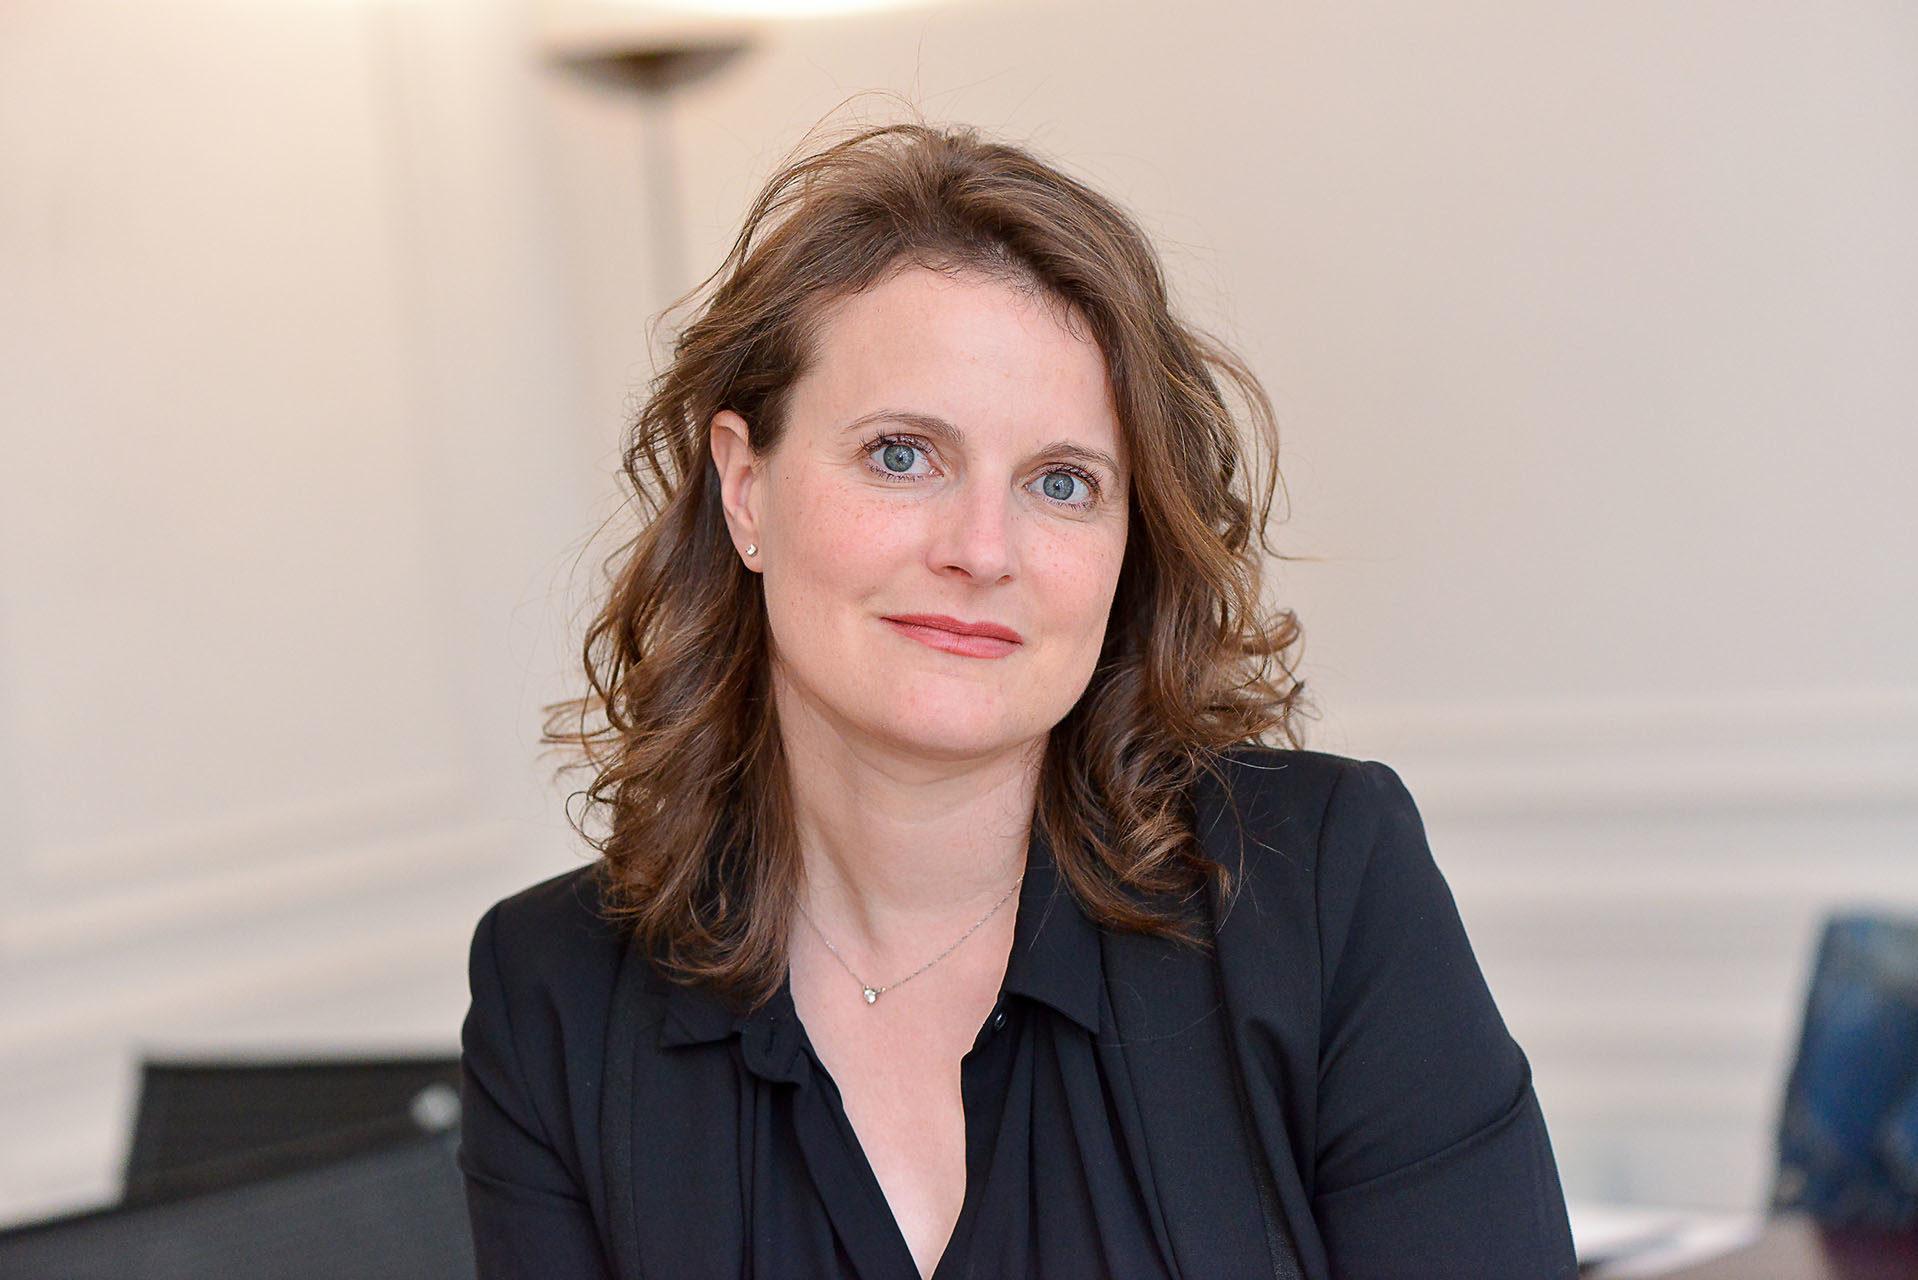 photographe-portraits-corporate-ile-de-france-cabinet-avocats-del-viso-paris